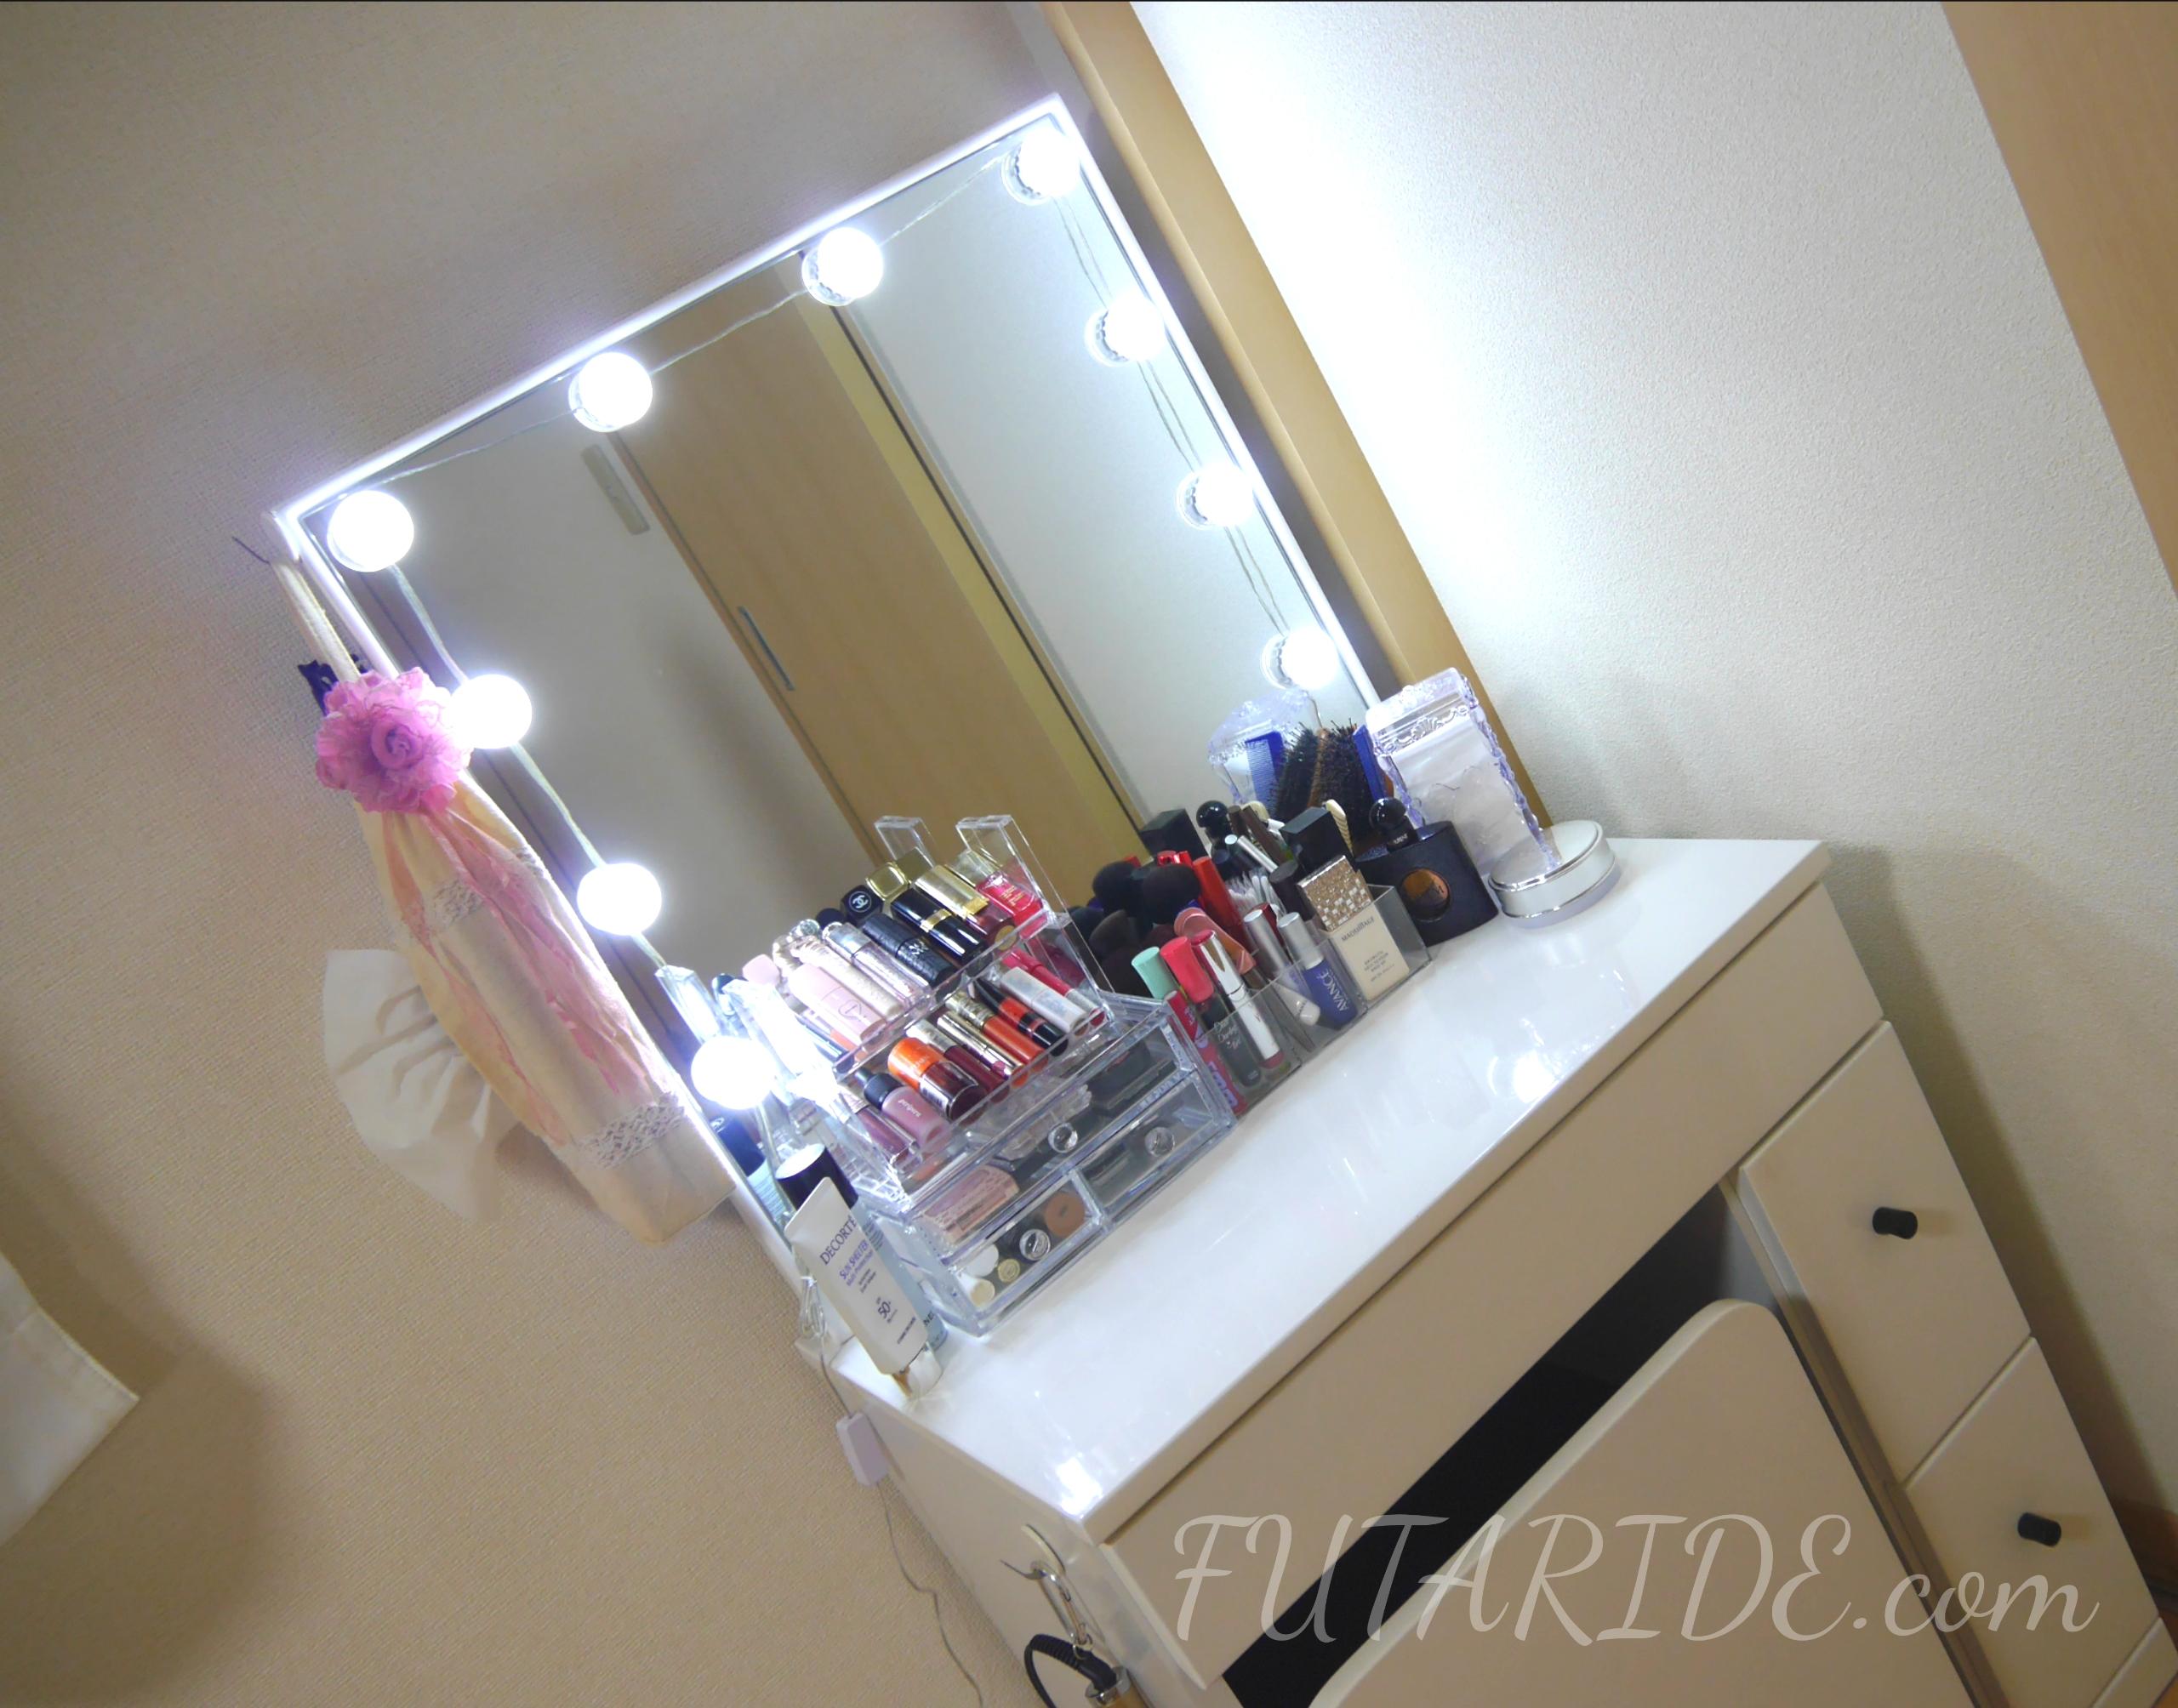 【ハリウッドミラーDIY】お洒落鏡でキレイにメイクアップして可愛くなろう!